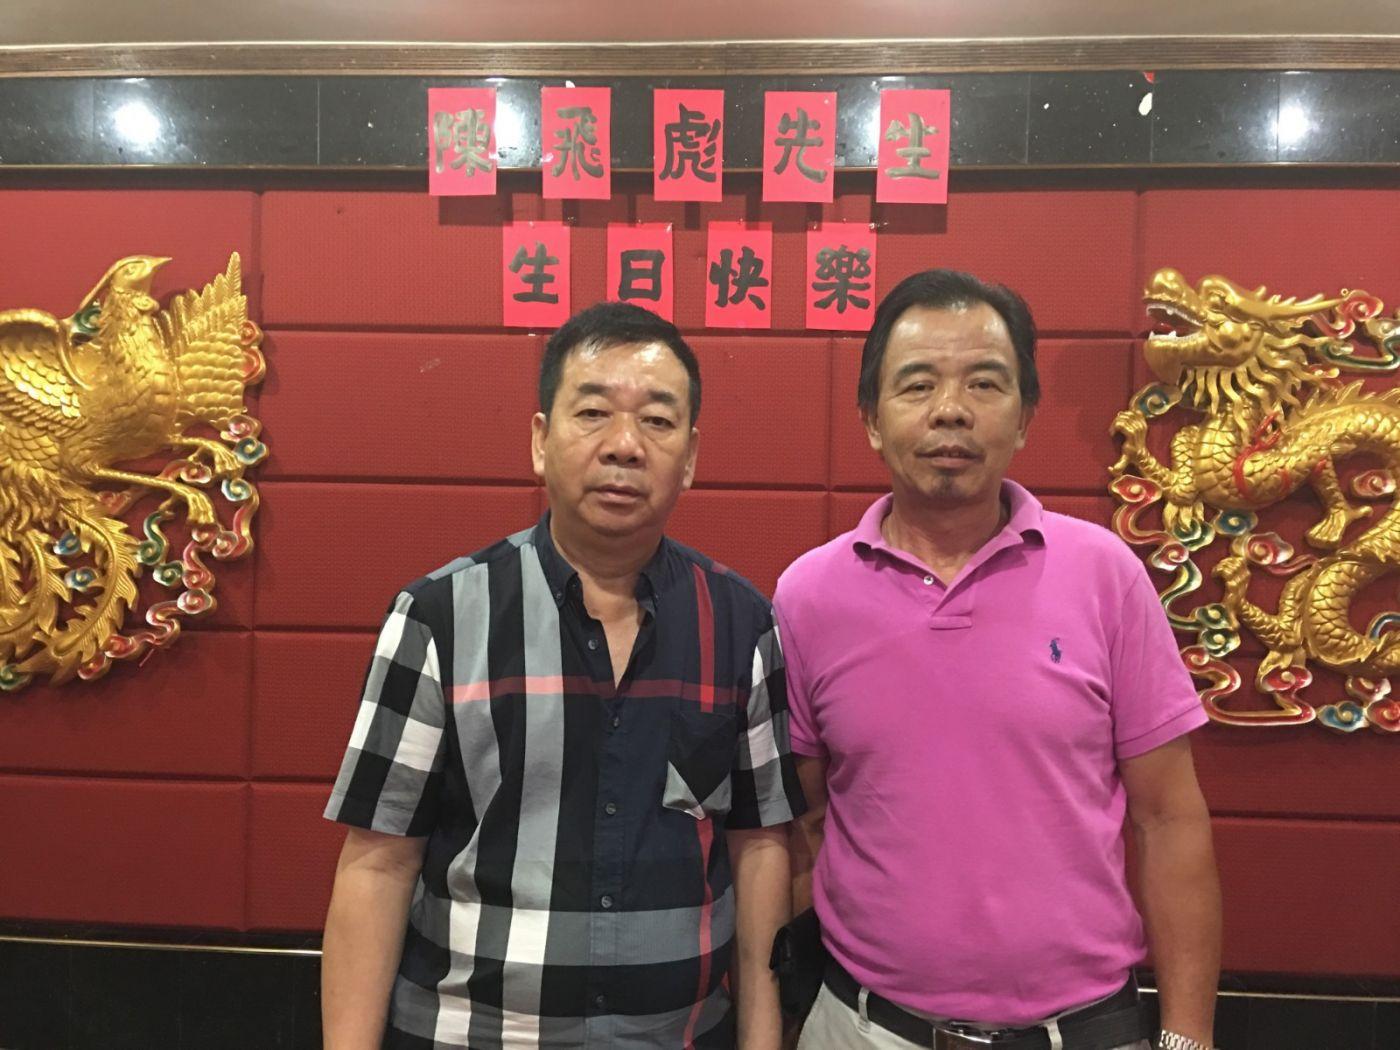 纽约闽籍侨领陈飞彪生日宴会_图1-13